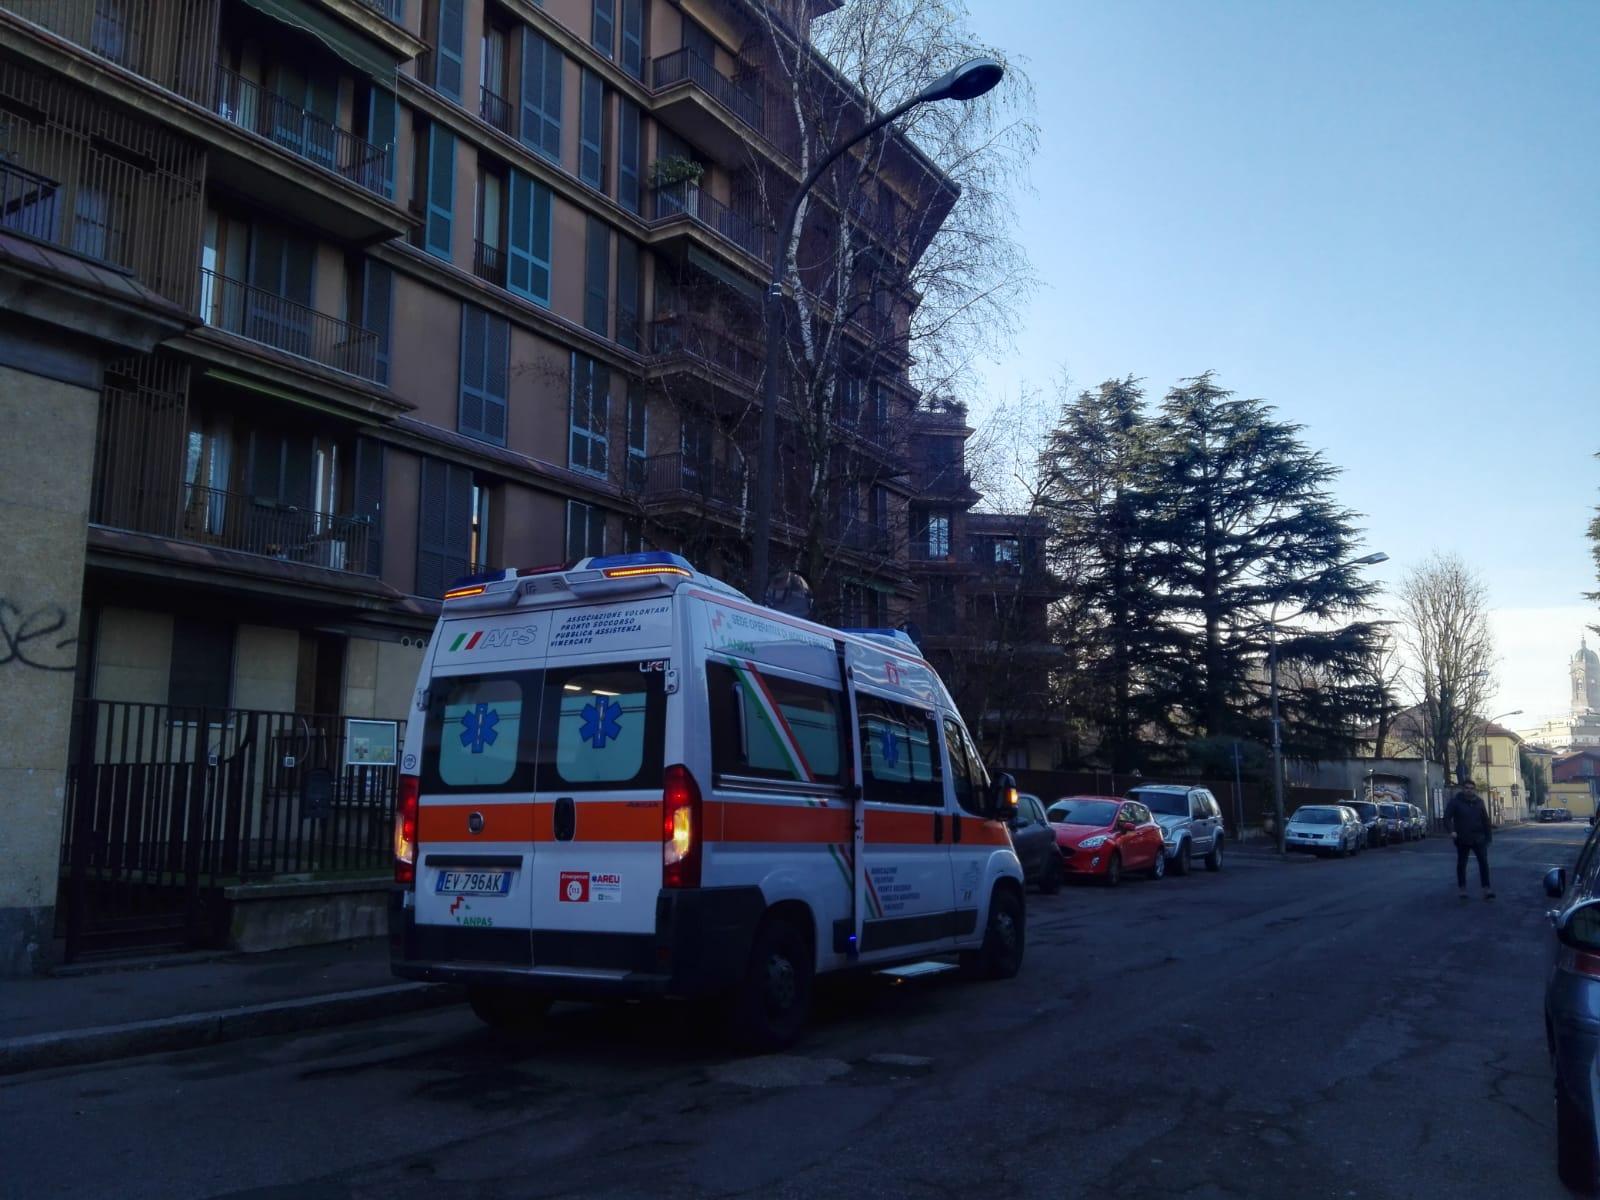 Violento impatto tra un'auto e uno scooter FOTO